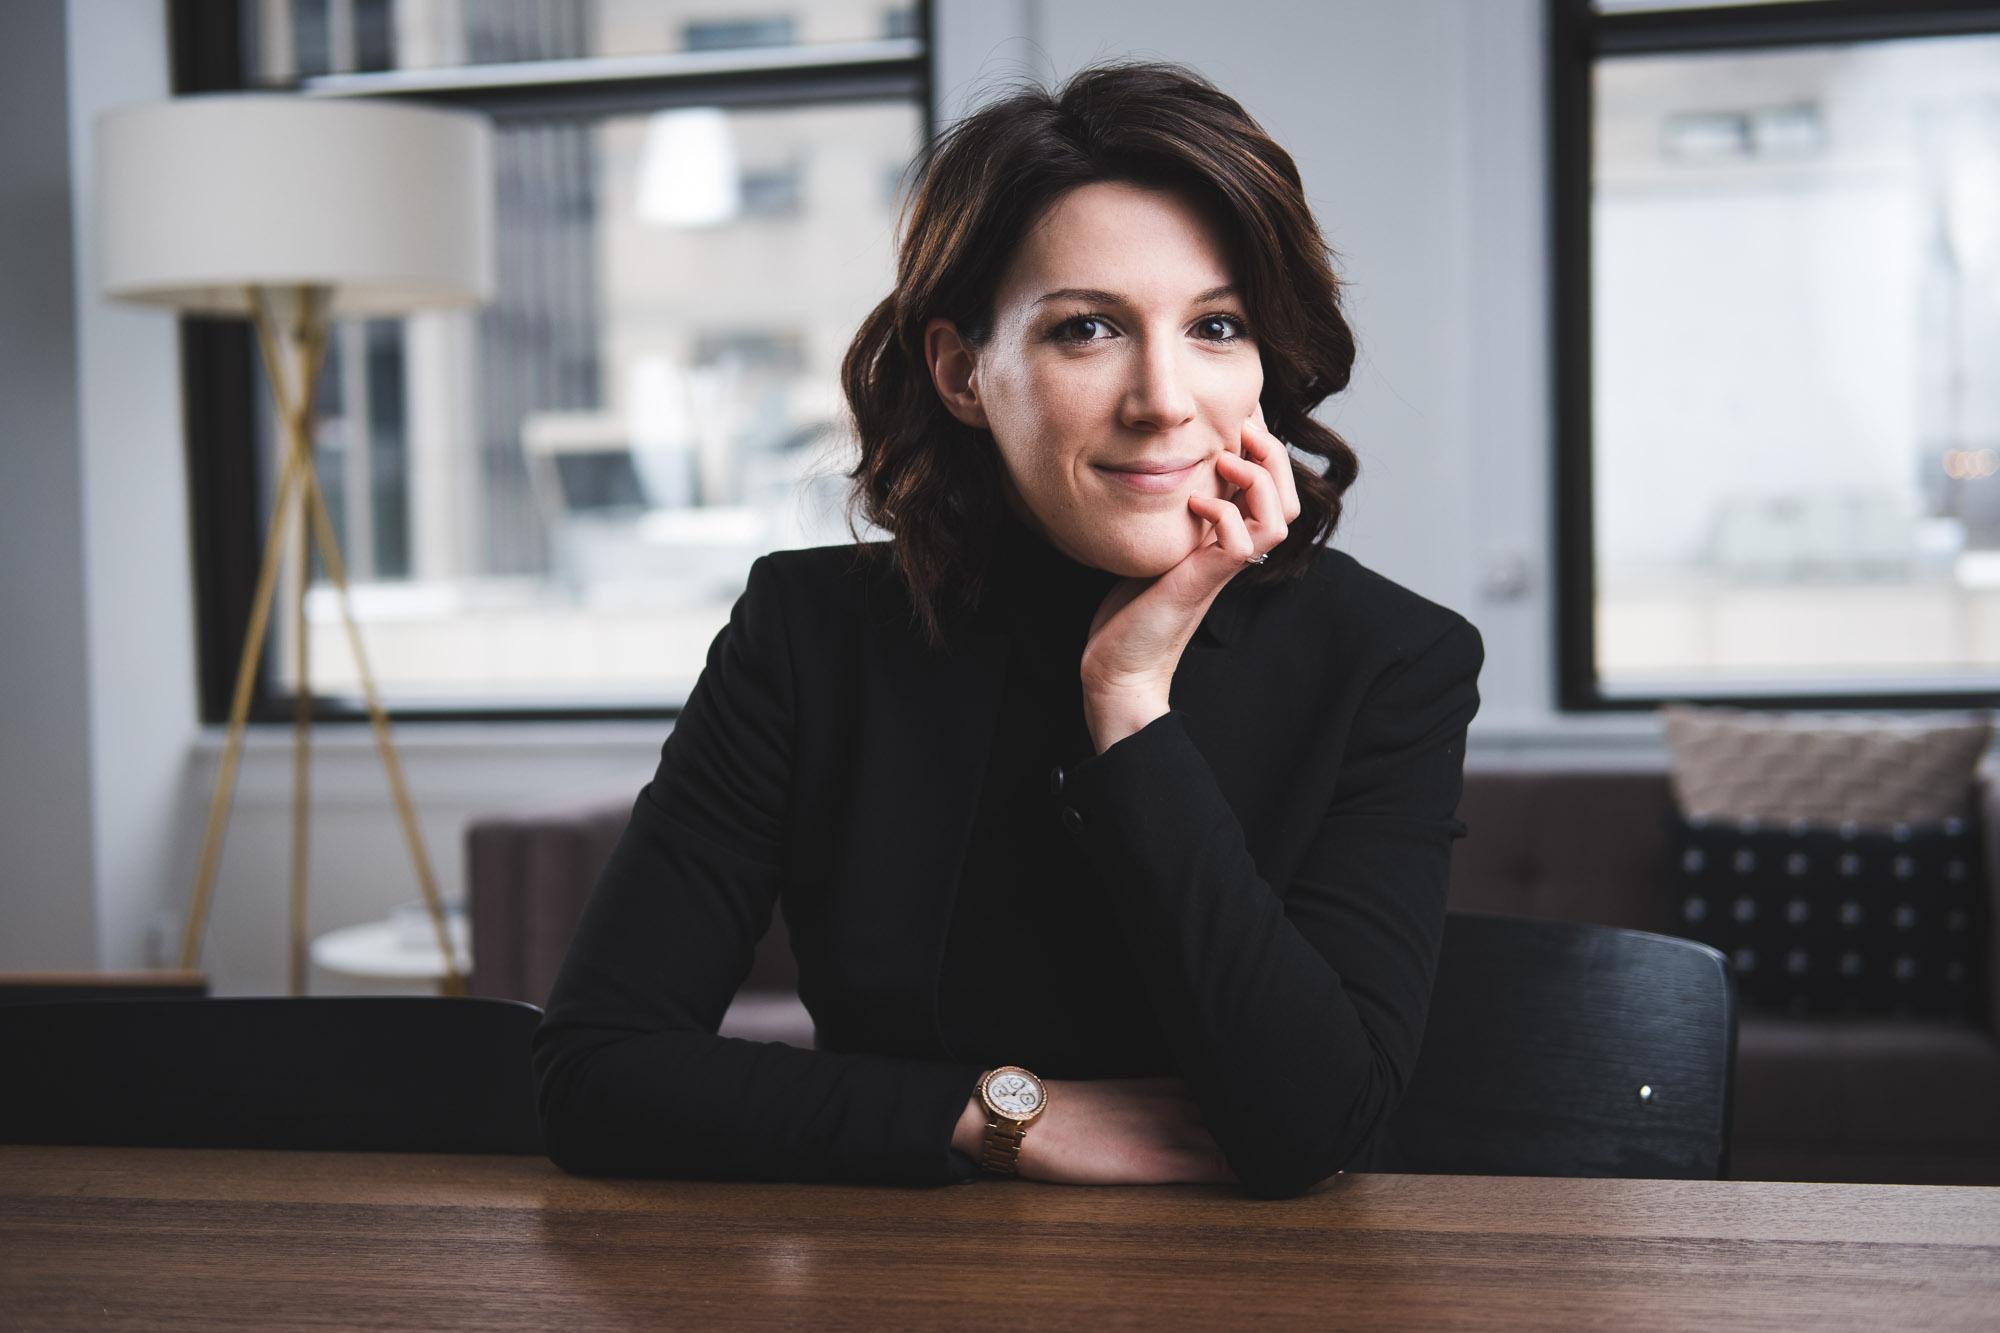 Marie Hains, interior designer